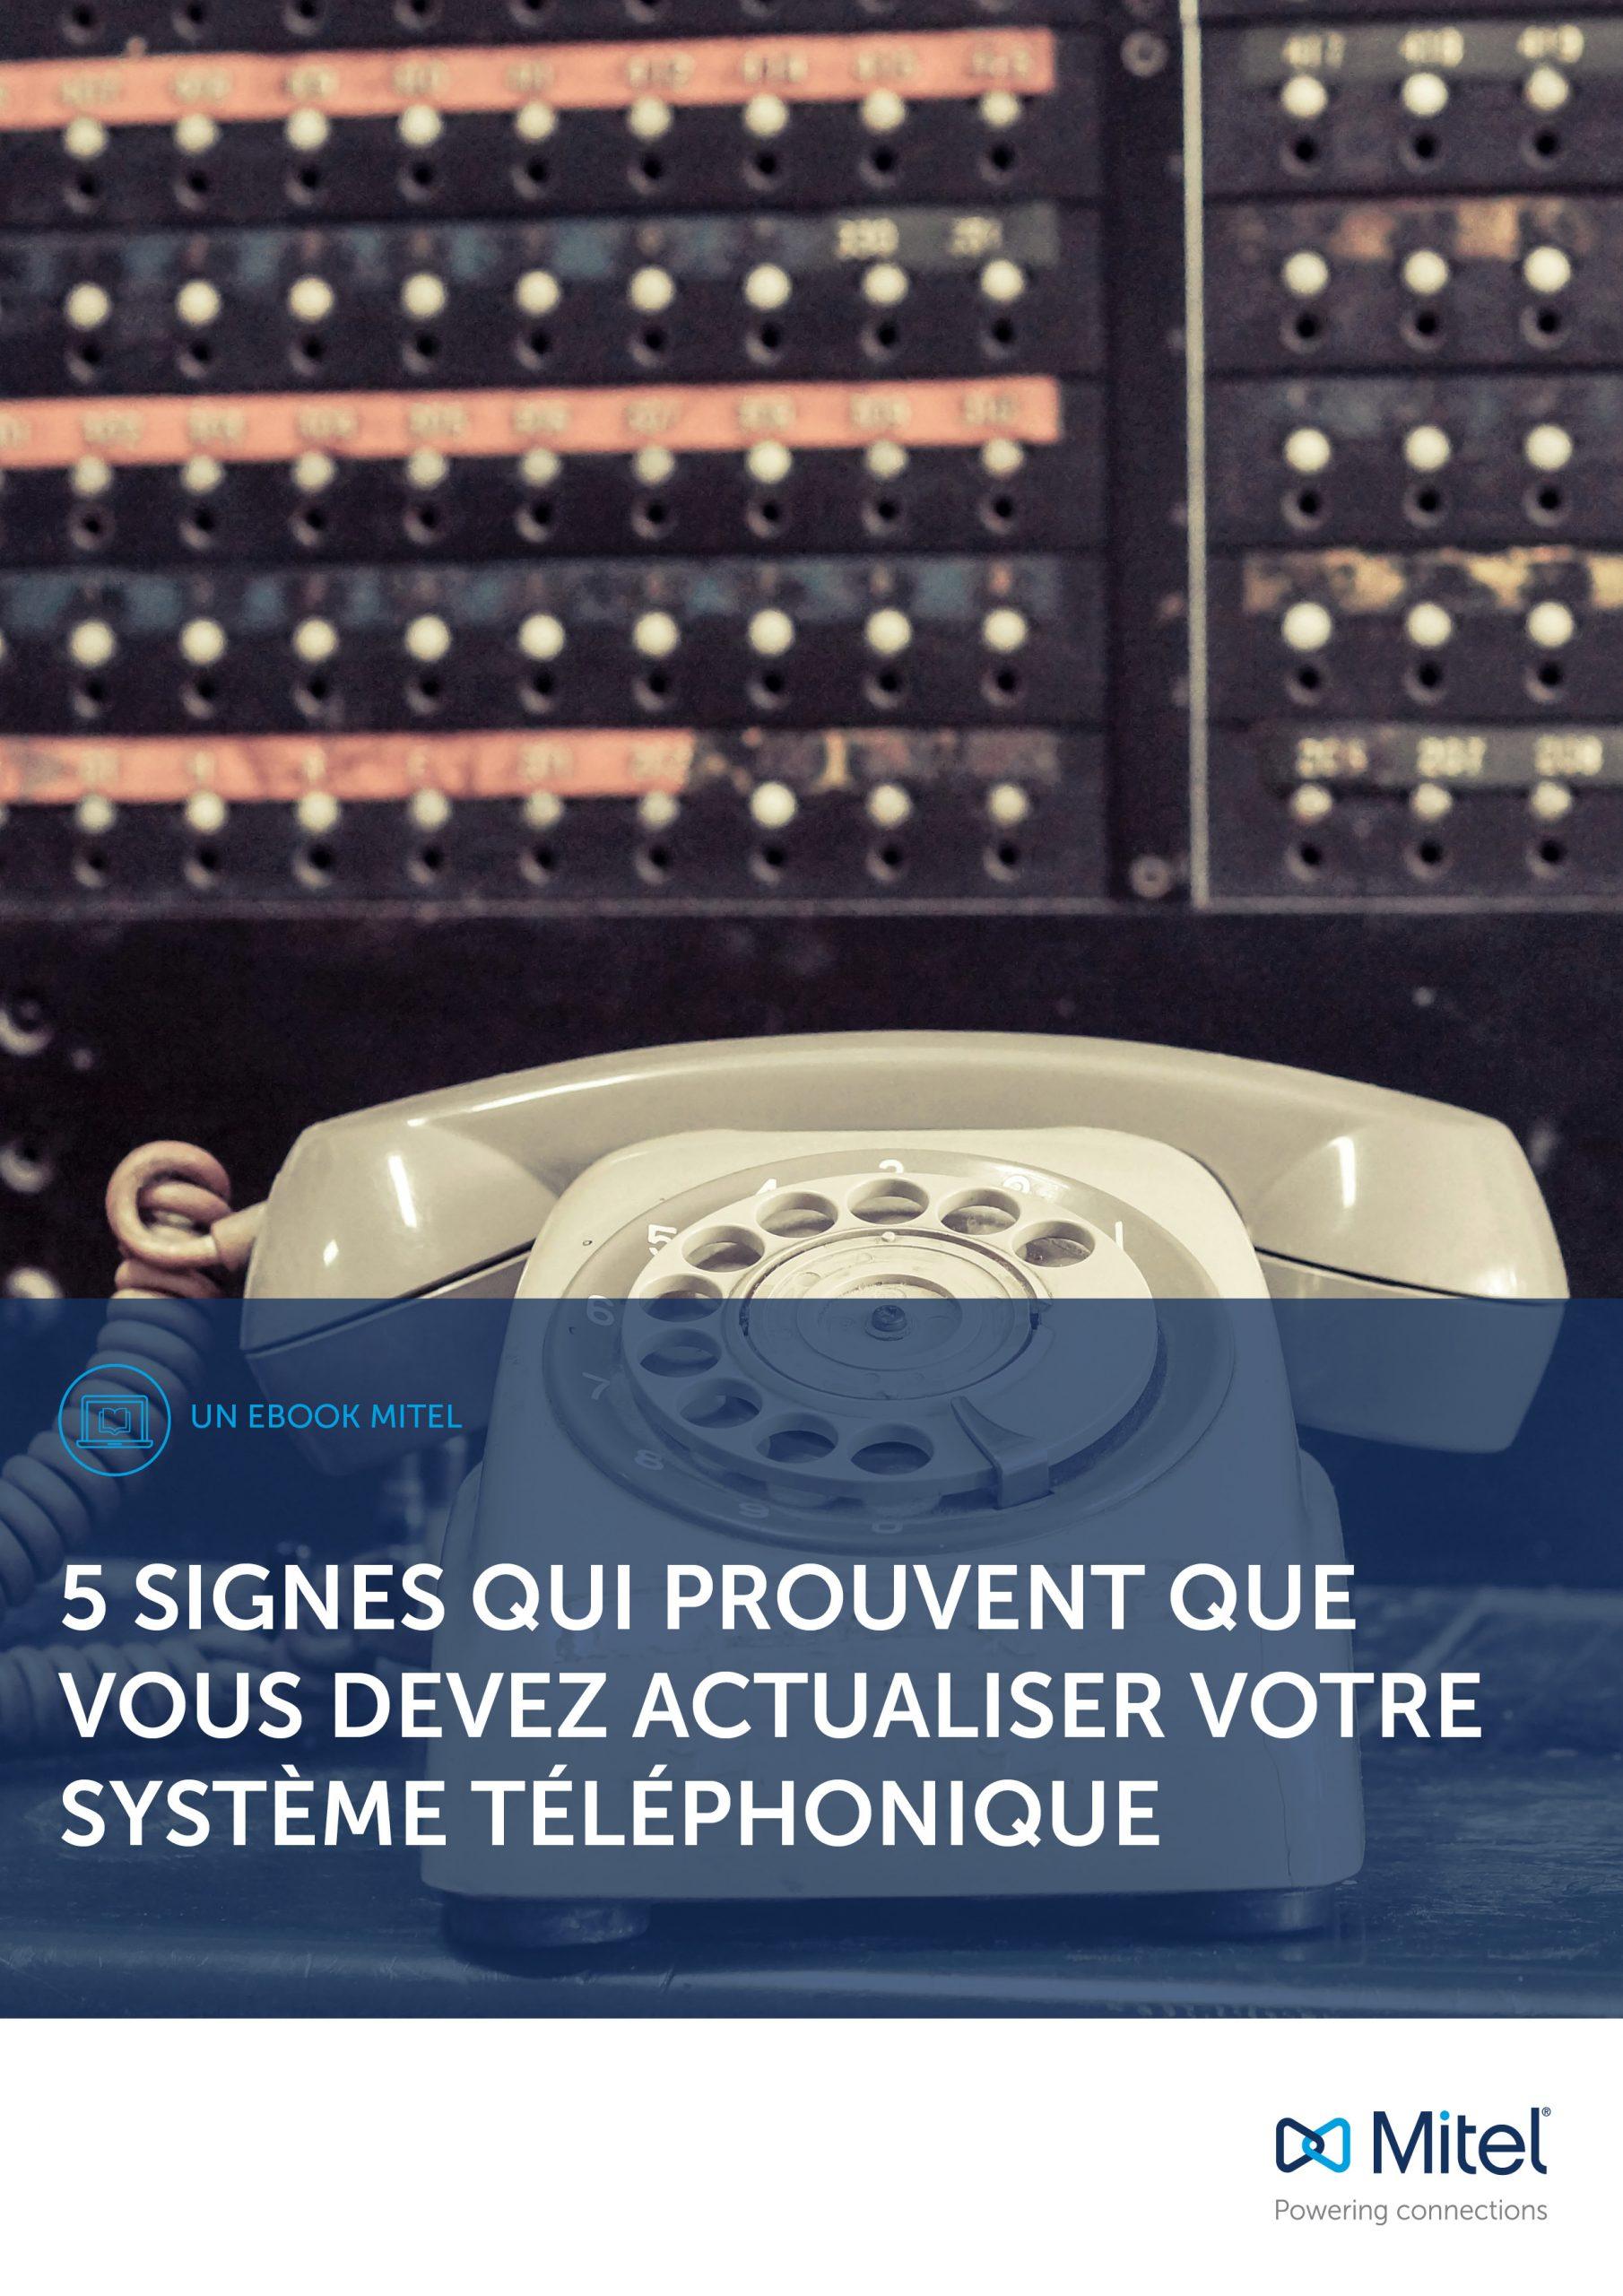 Télécommunication : 5 signes qui prouvent que vous devez actualiser votre système téléphonique.